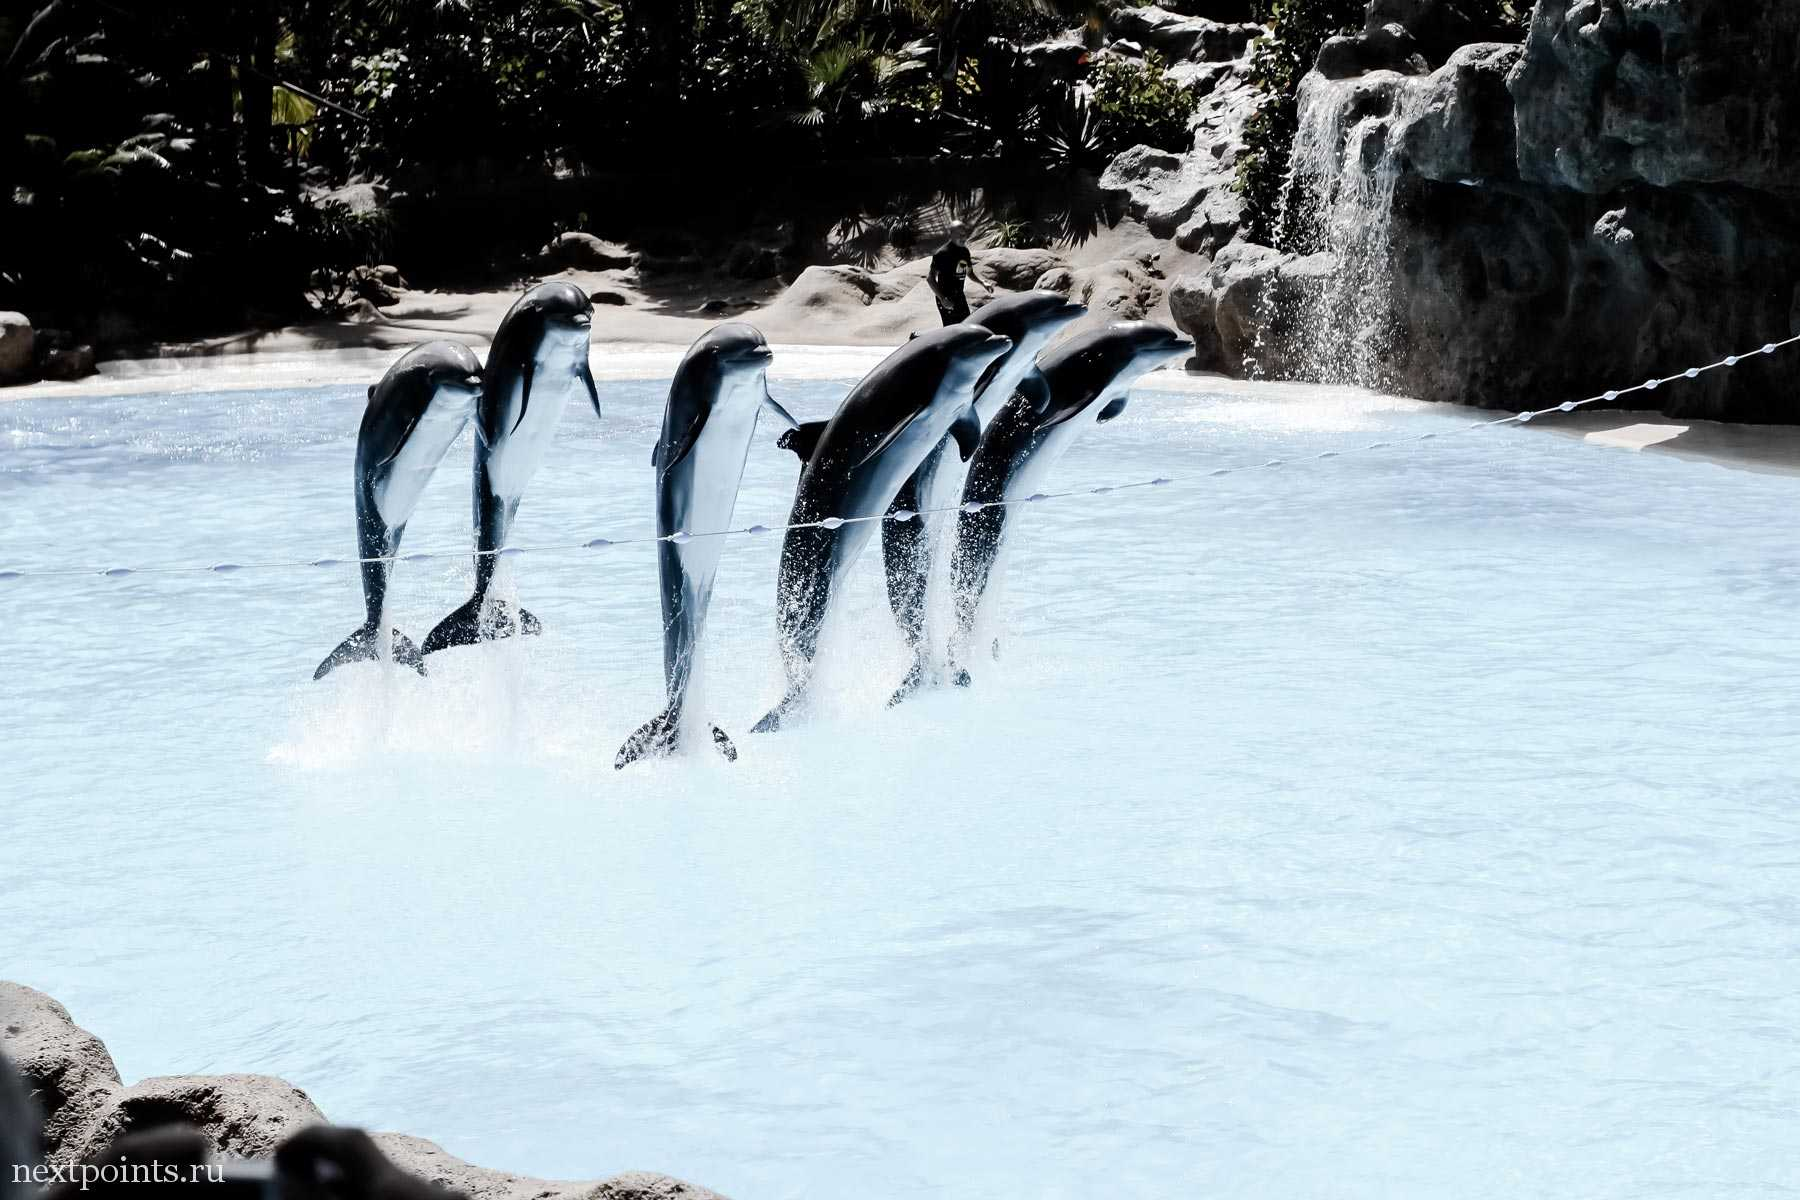 Несколько дельфинов синхронно перепрыгивают препятствие